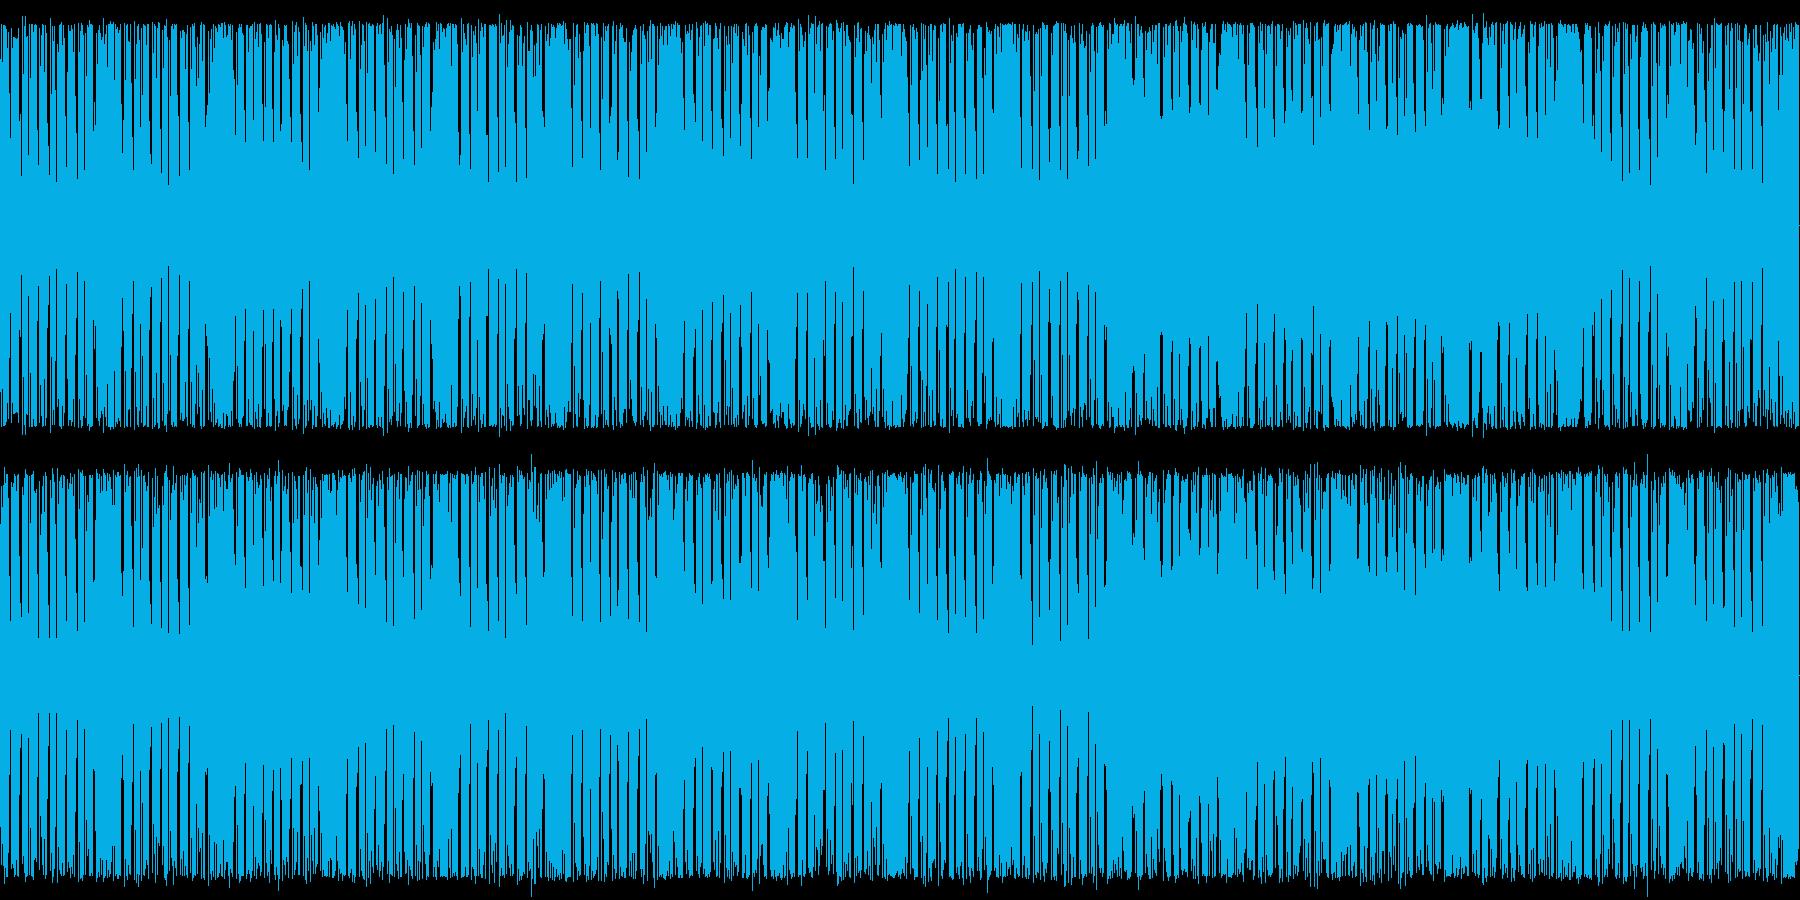 疾走感ある戦闘用BGMの再生済みの波形